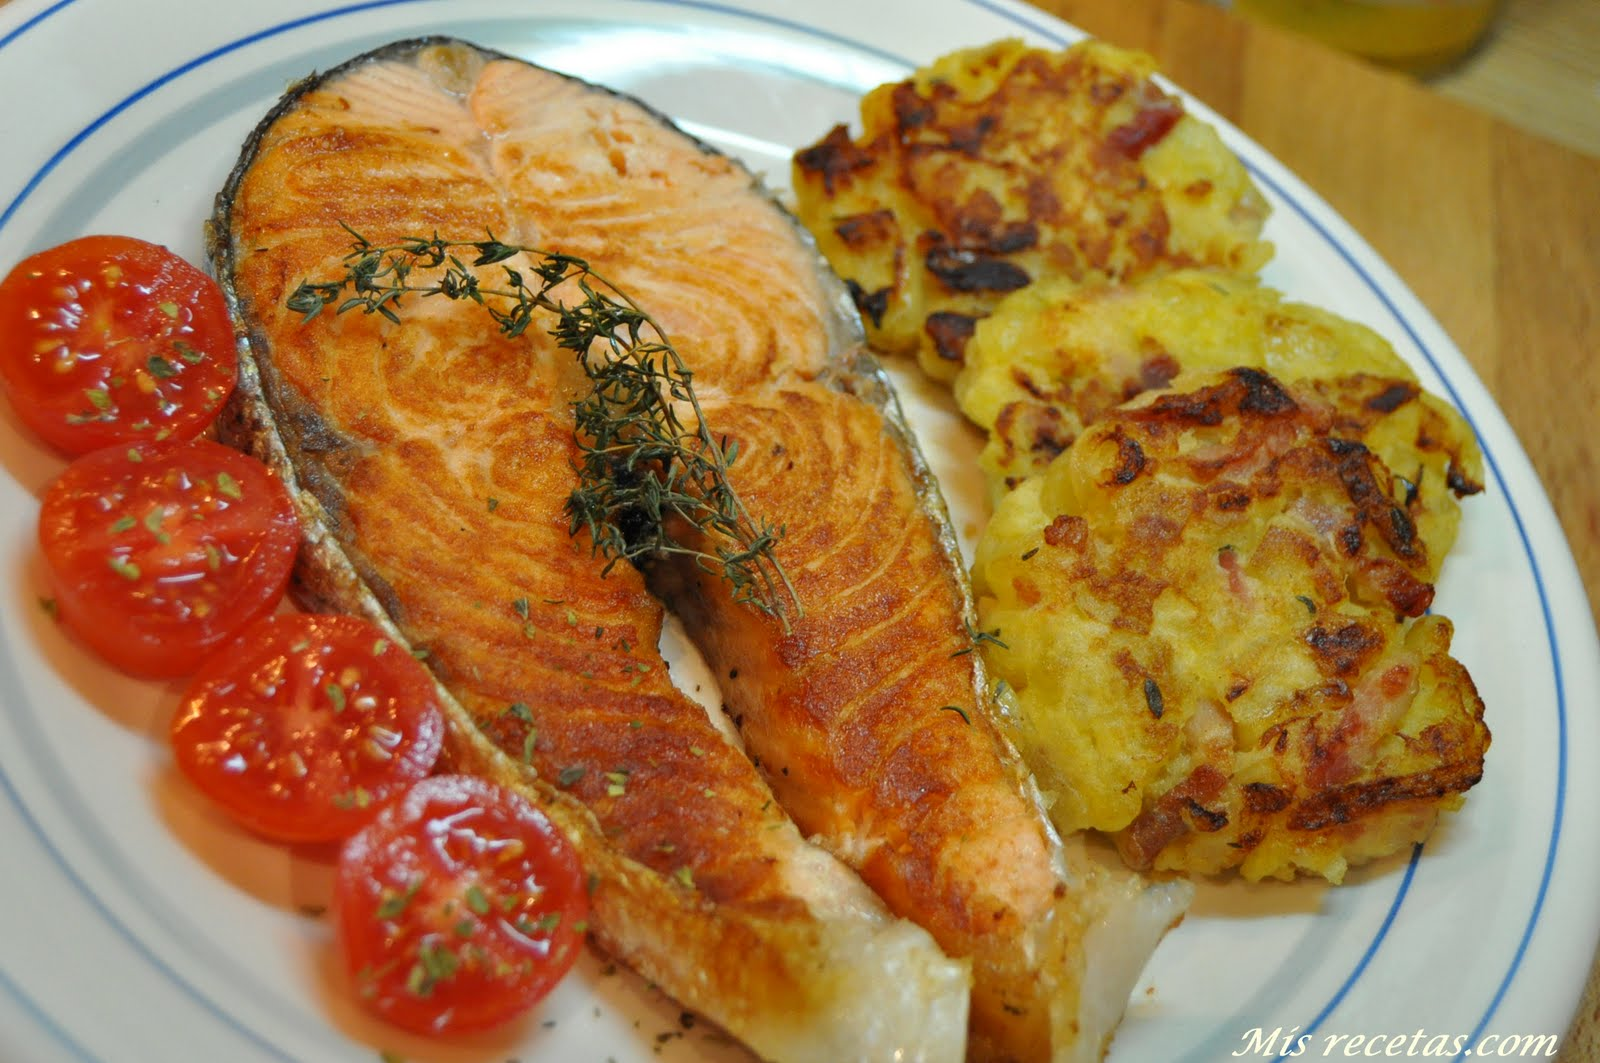 Mis recetas com salm n a la plancha con tortas de patata for Cocinar pez espada a la plancha